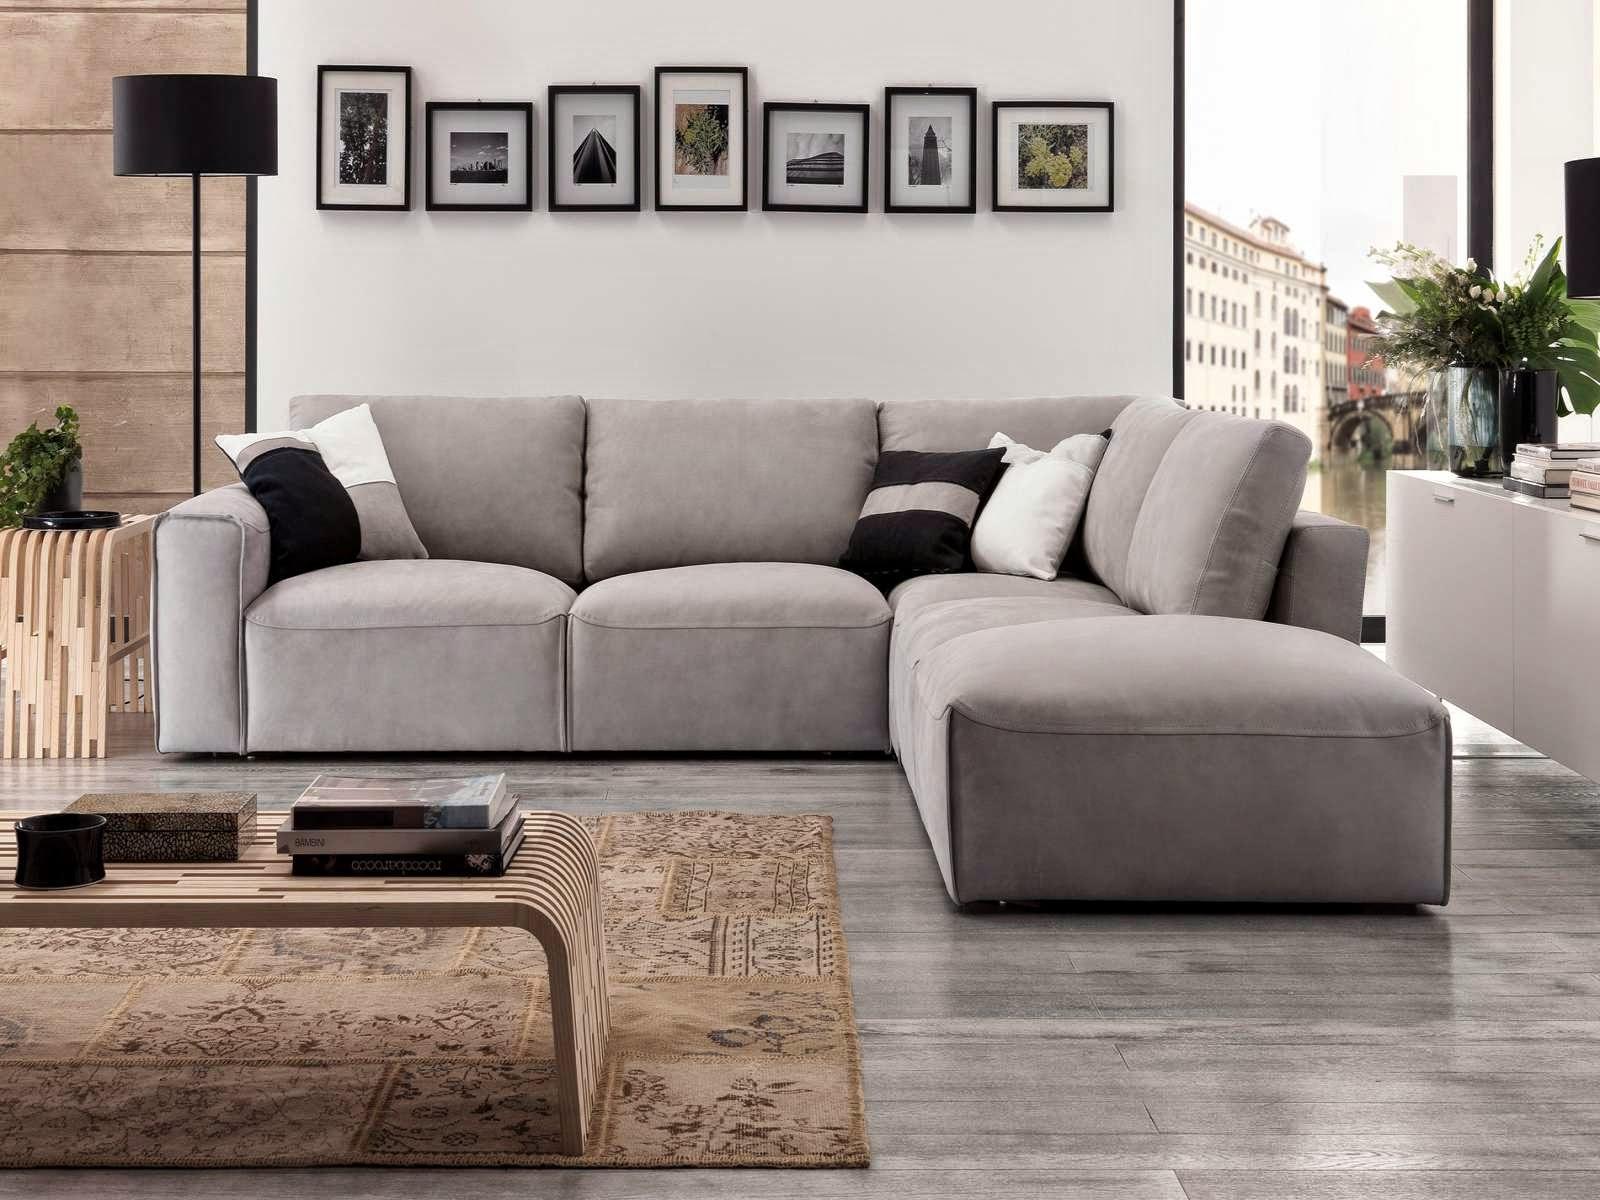 Amedeo liberatoscioli consigli utili come rendere for Casa del divano